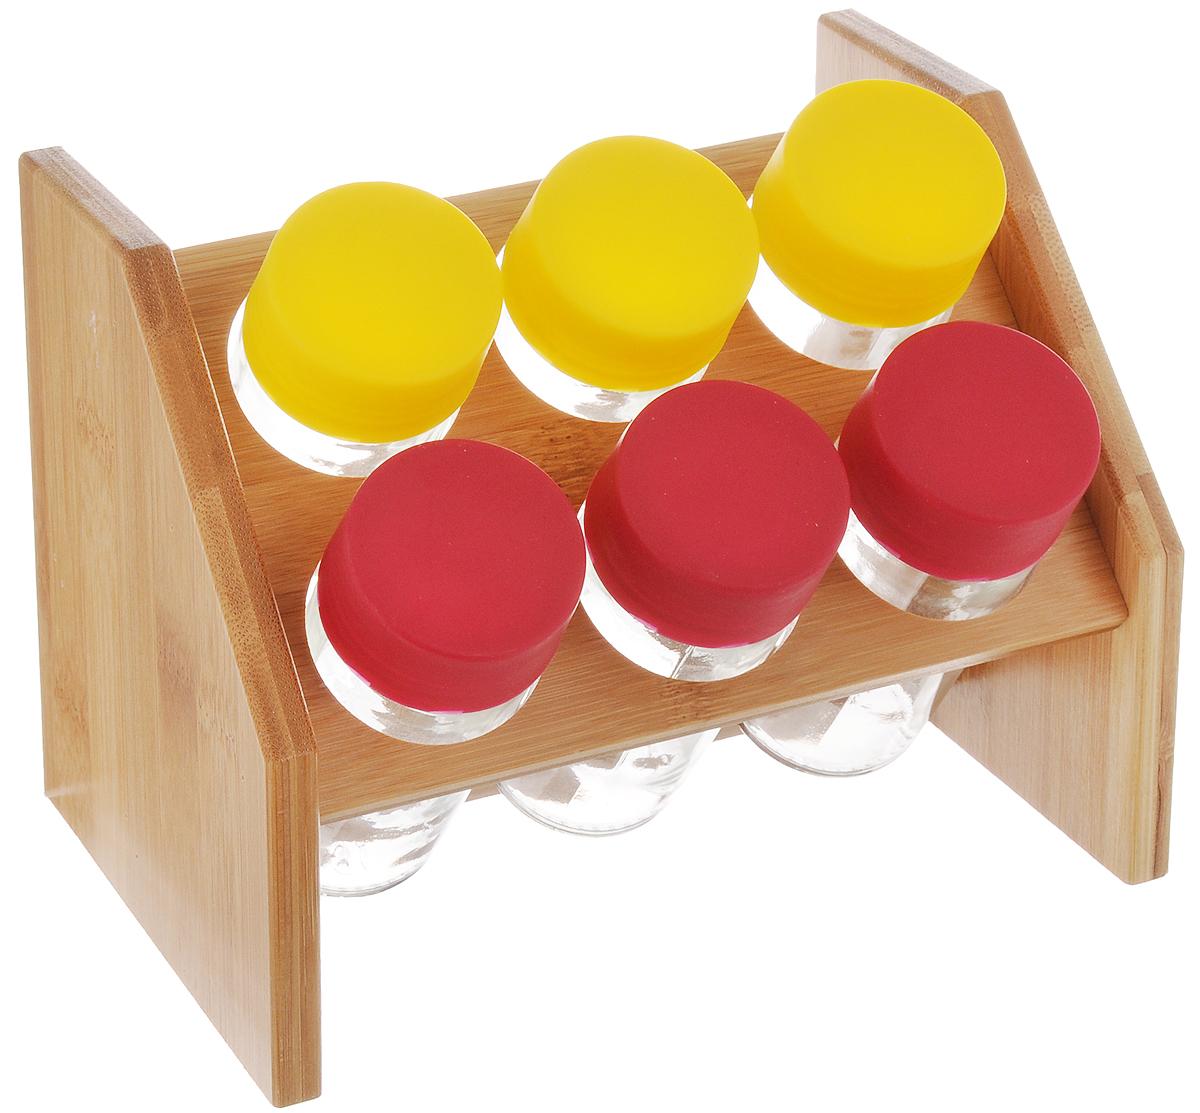 Набор для специй Mayer&Boch, цвет: желтый, малиновый, 7 предметовVT-1520(SR)Набор для специй Mayer & Boch включает 6 баночек для специй, расположенных на бамбуковой подставке, благодаря чему емкости не потеряются и всегда будут у вас под рукой. Емкости выполнены из высококачественного стекла и снабжены цветными пластиковыми крышками. Герметичное закрытие обеспечивает самое лучшее хранение. Баночки можно наполнять любыми используемыми вами специями.Модный, элегантный и яркий дизайн набора украсит интерьер вашей кухни. Наслаждайтесь приготовлением пищи с вашим набором баночек для специй. Объем баночки: 100 мл. Размер баночки: 4 х 4 х 10 см. Размер подставки: 18 х 14 х 13 см.